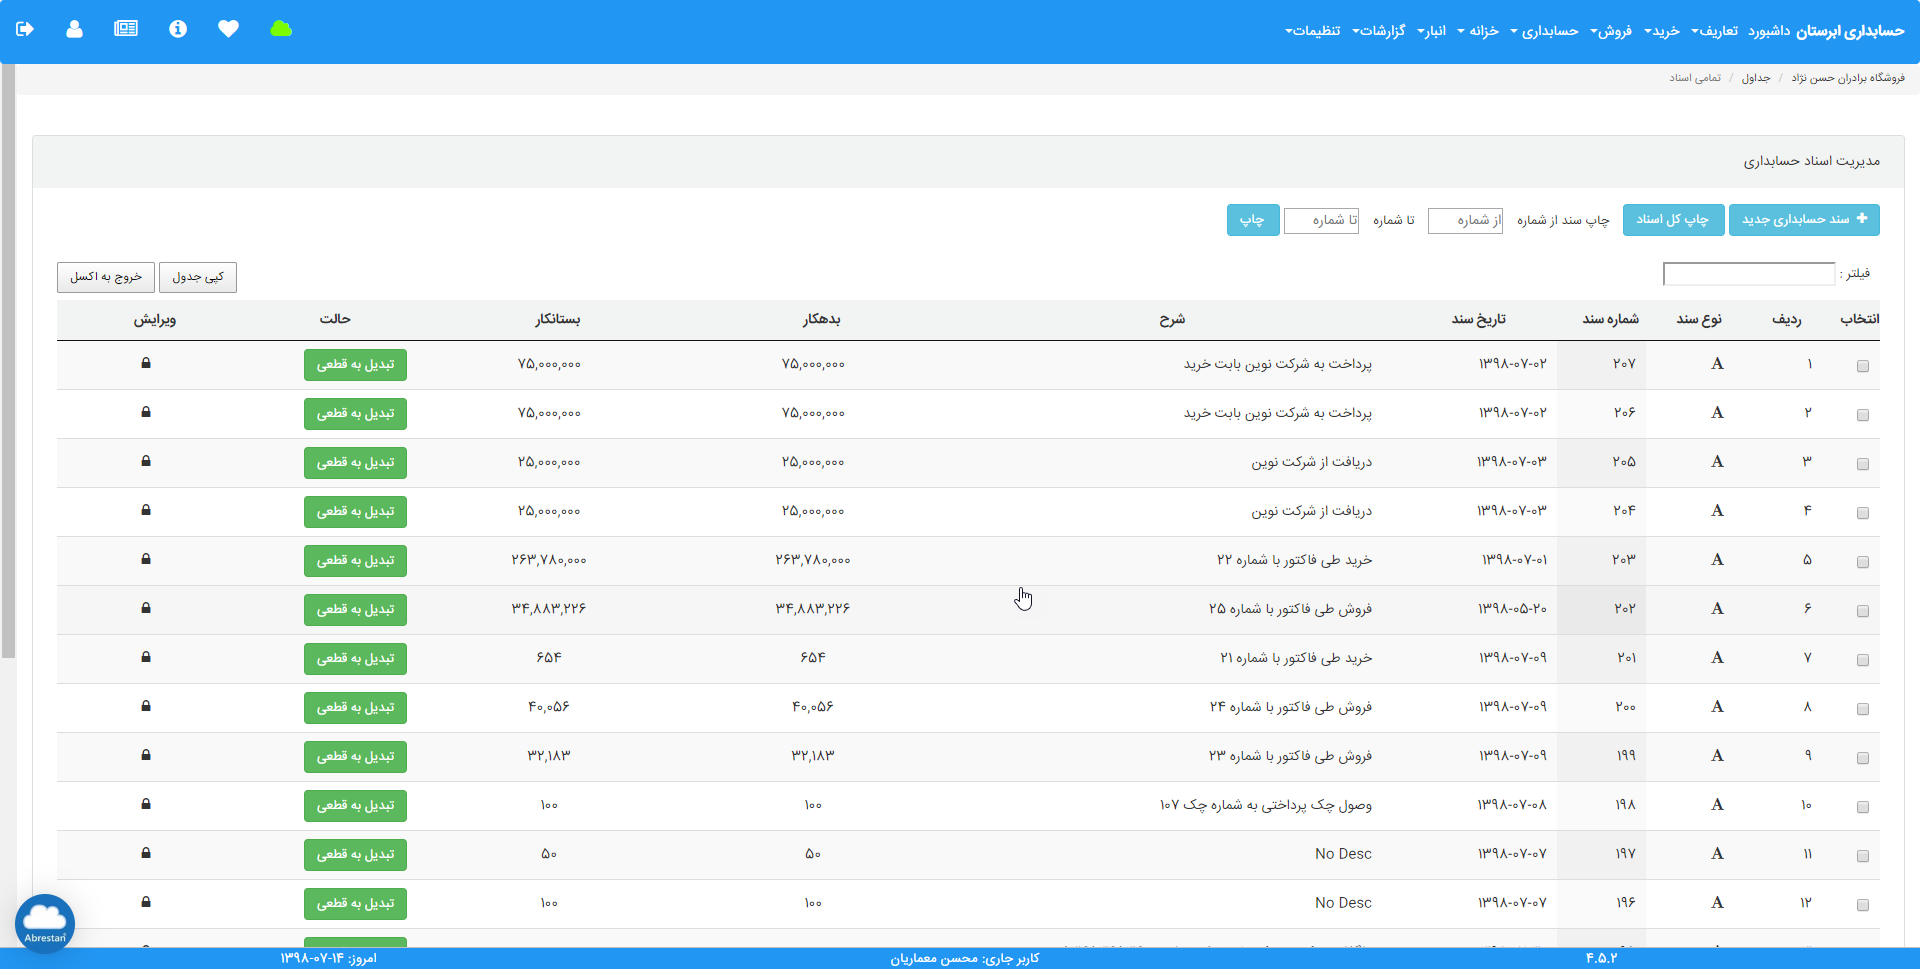 فهرست اسناد نرم افزار حسابداری آنلاین ابرستان